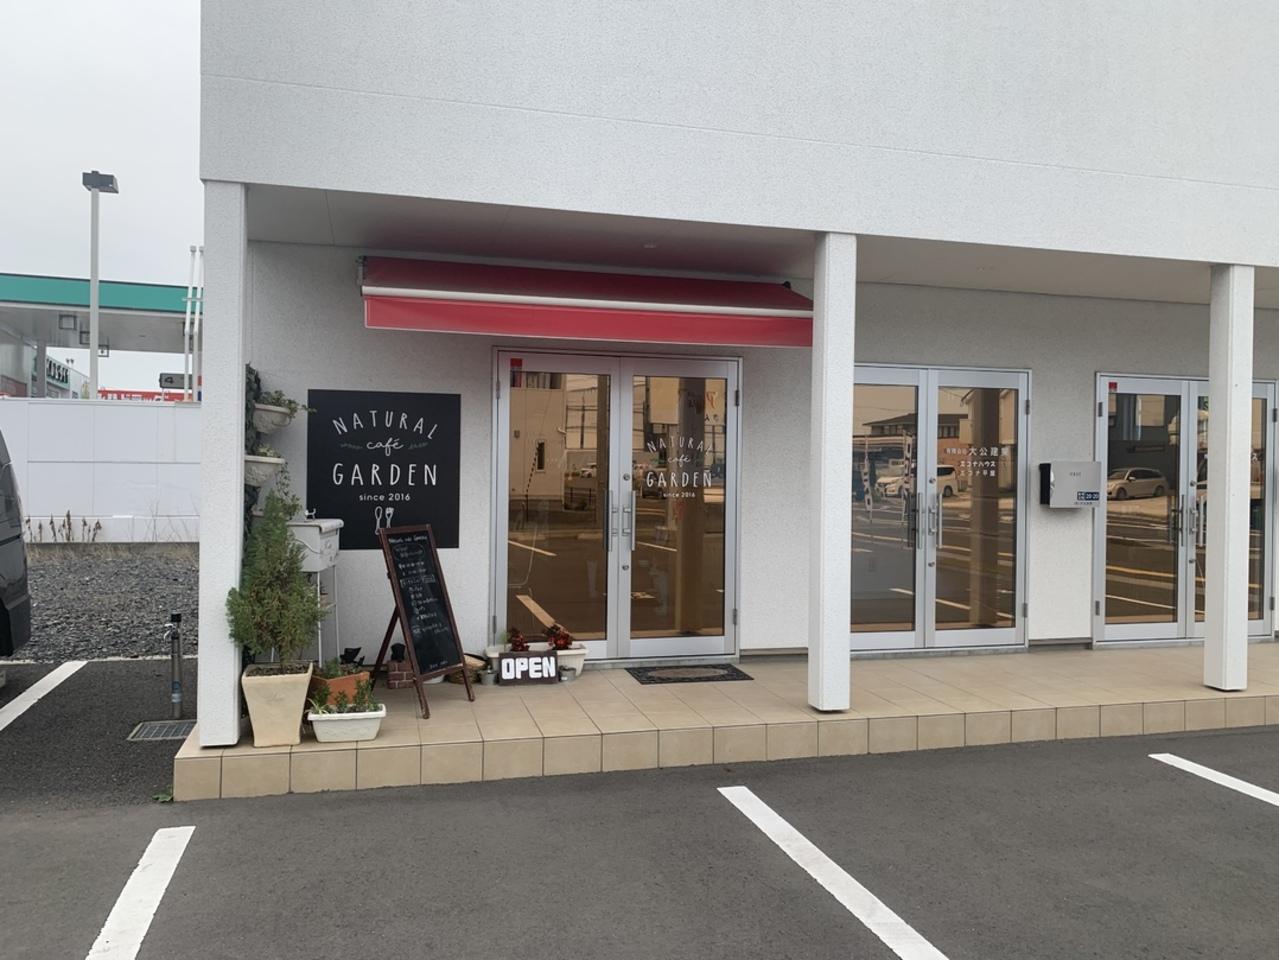 パンケーキ・季節の野菜を使ったランチが味わえる?!八戸市「NATURAL cafe GARDEN」